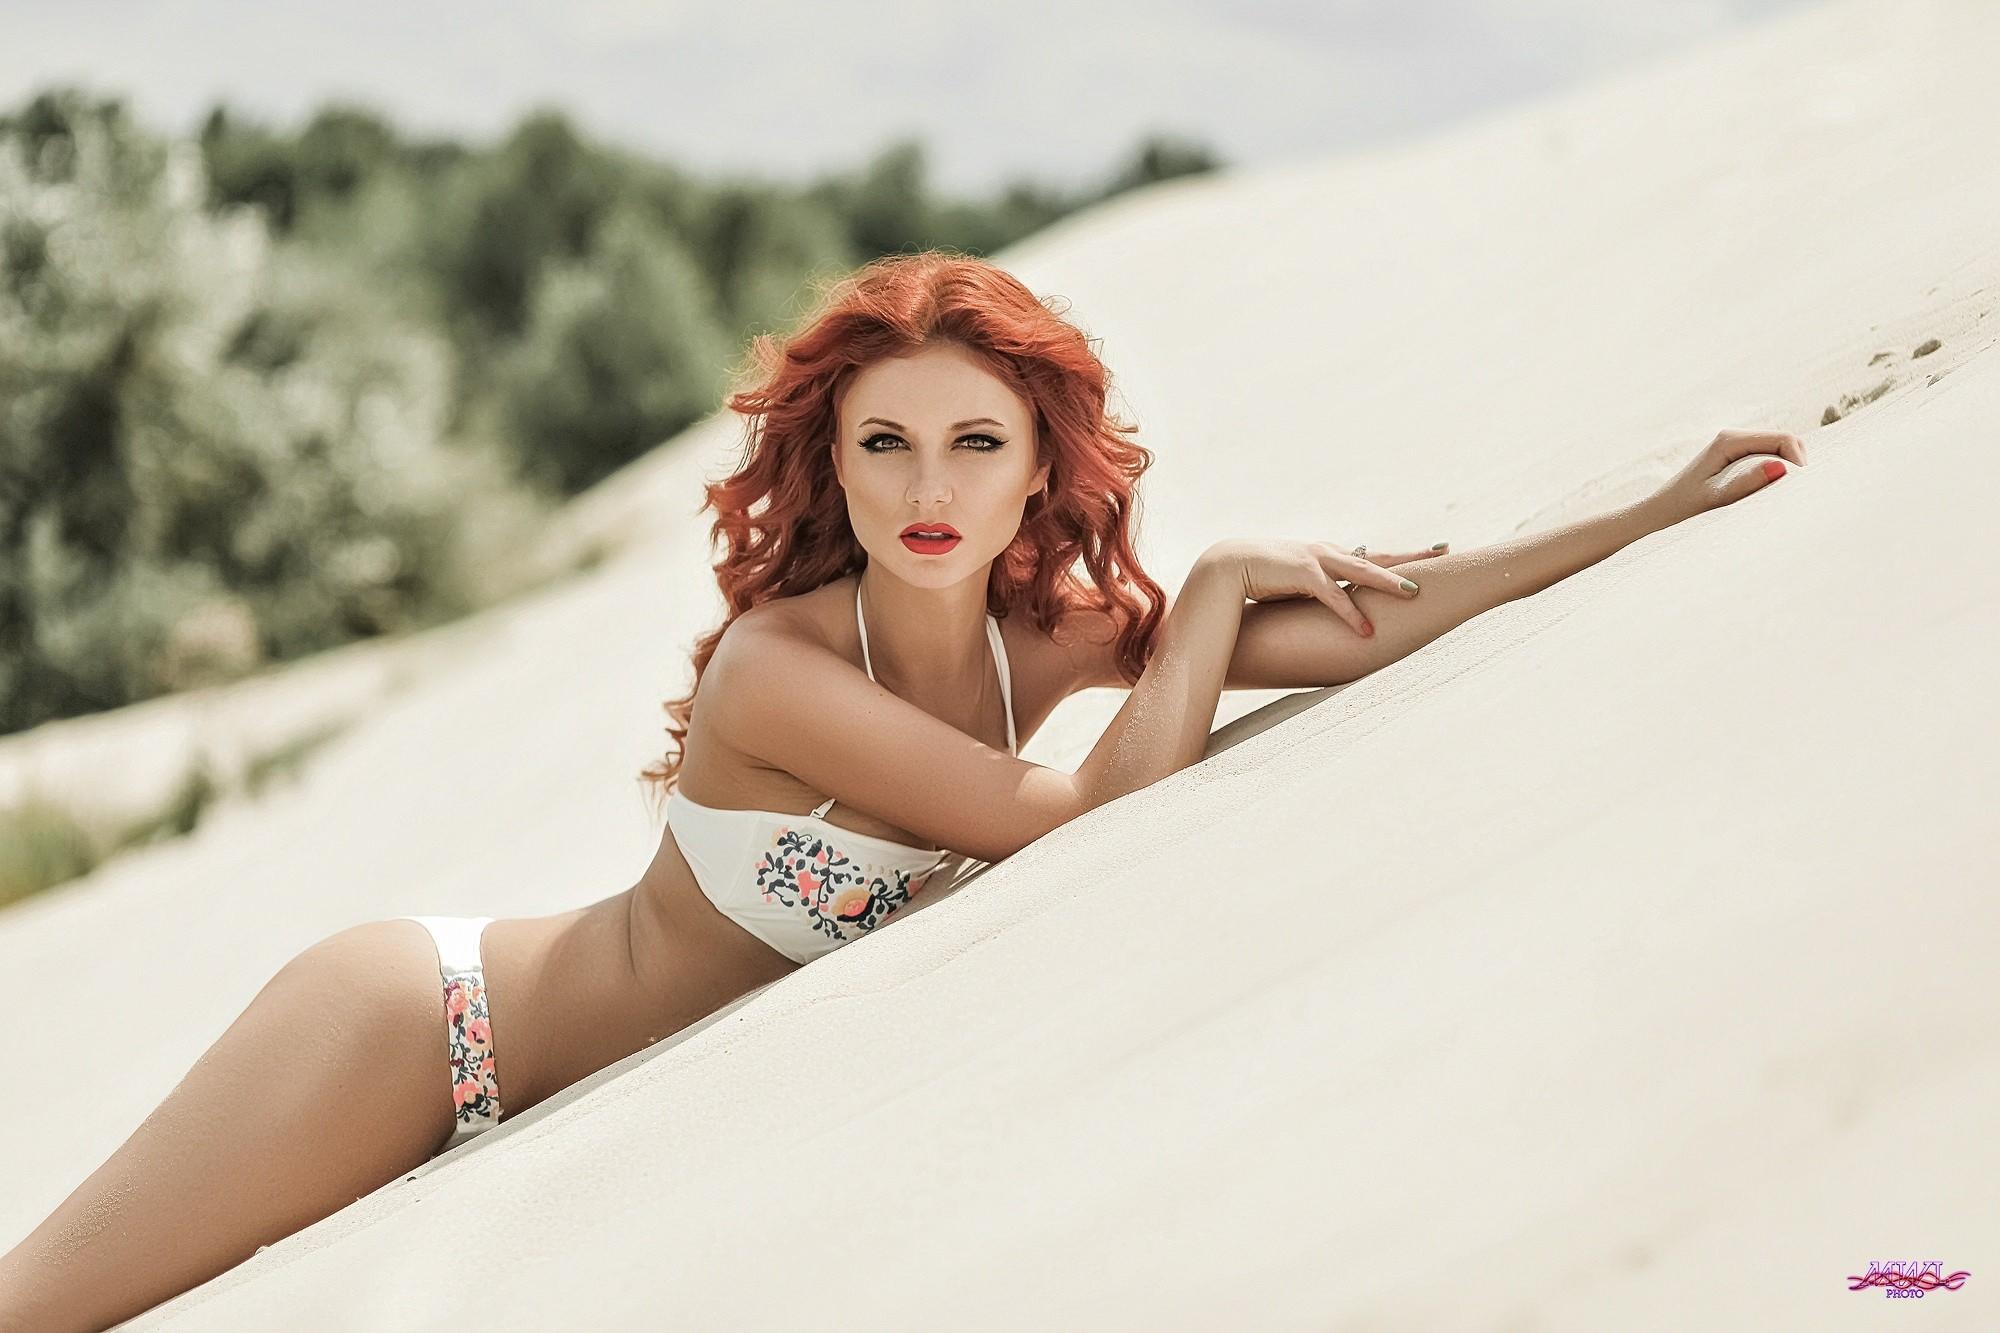 Best redhead milfs pics